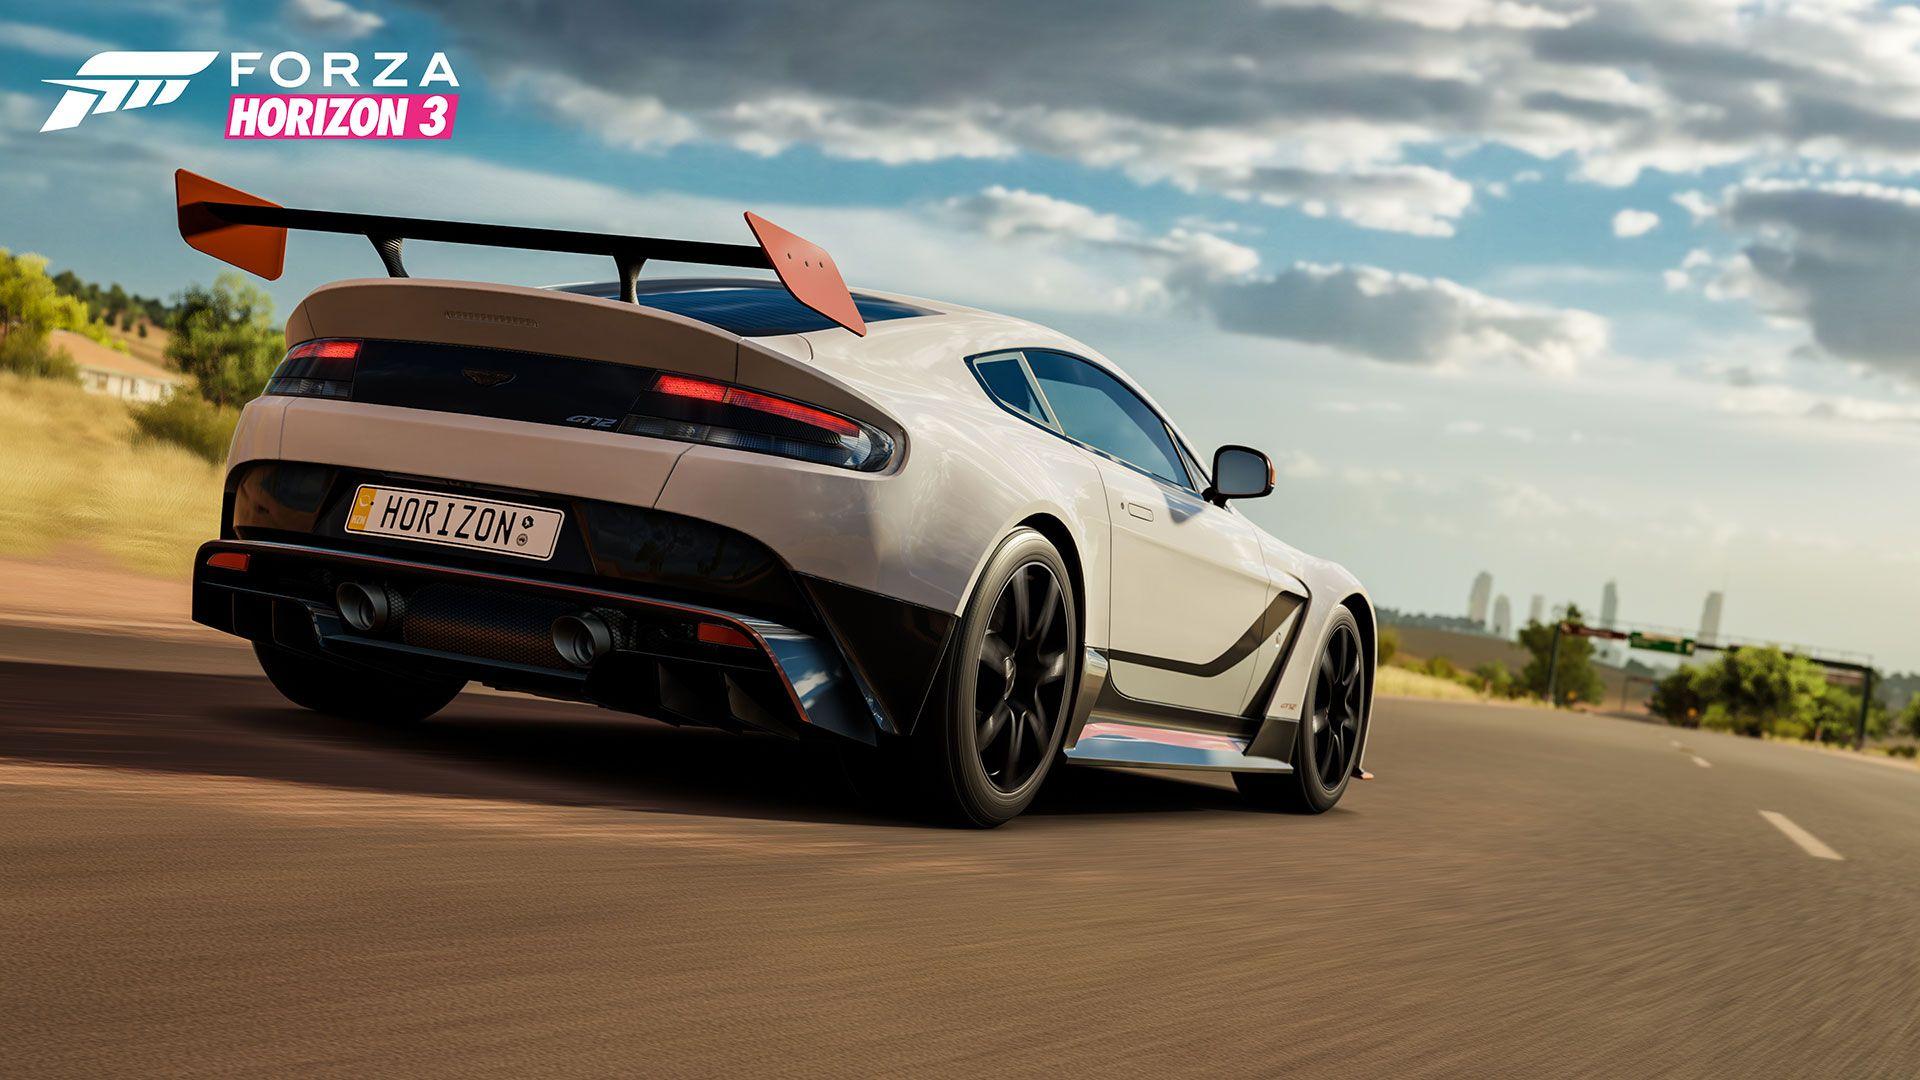 Aston Martin Vantage Gt12 Forza Horizon 3 Forza Horizon 3 Forza